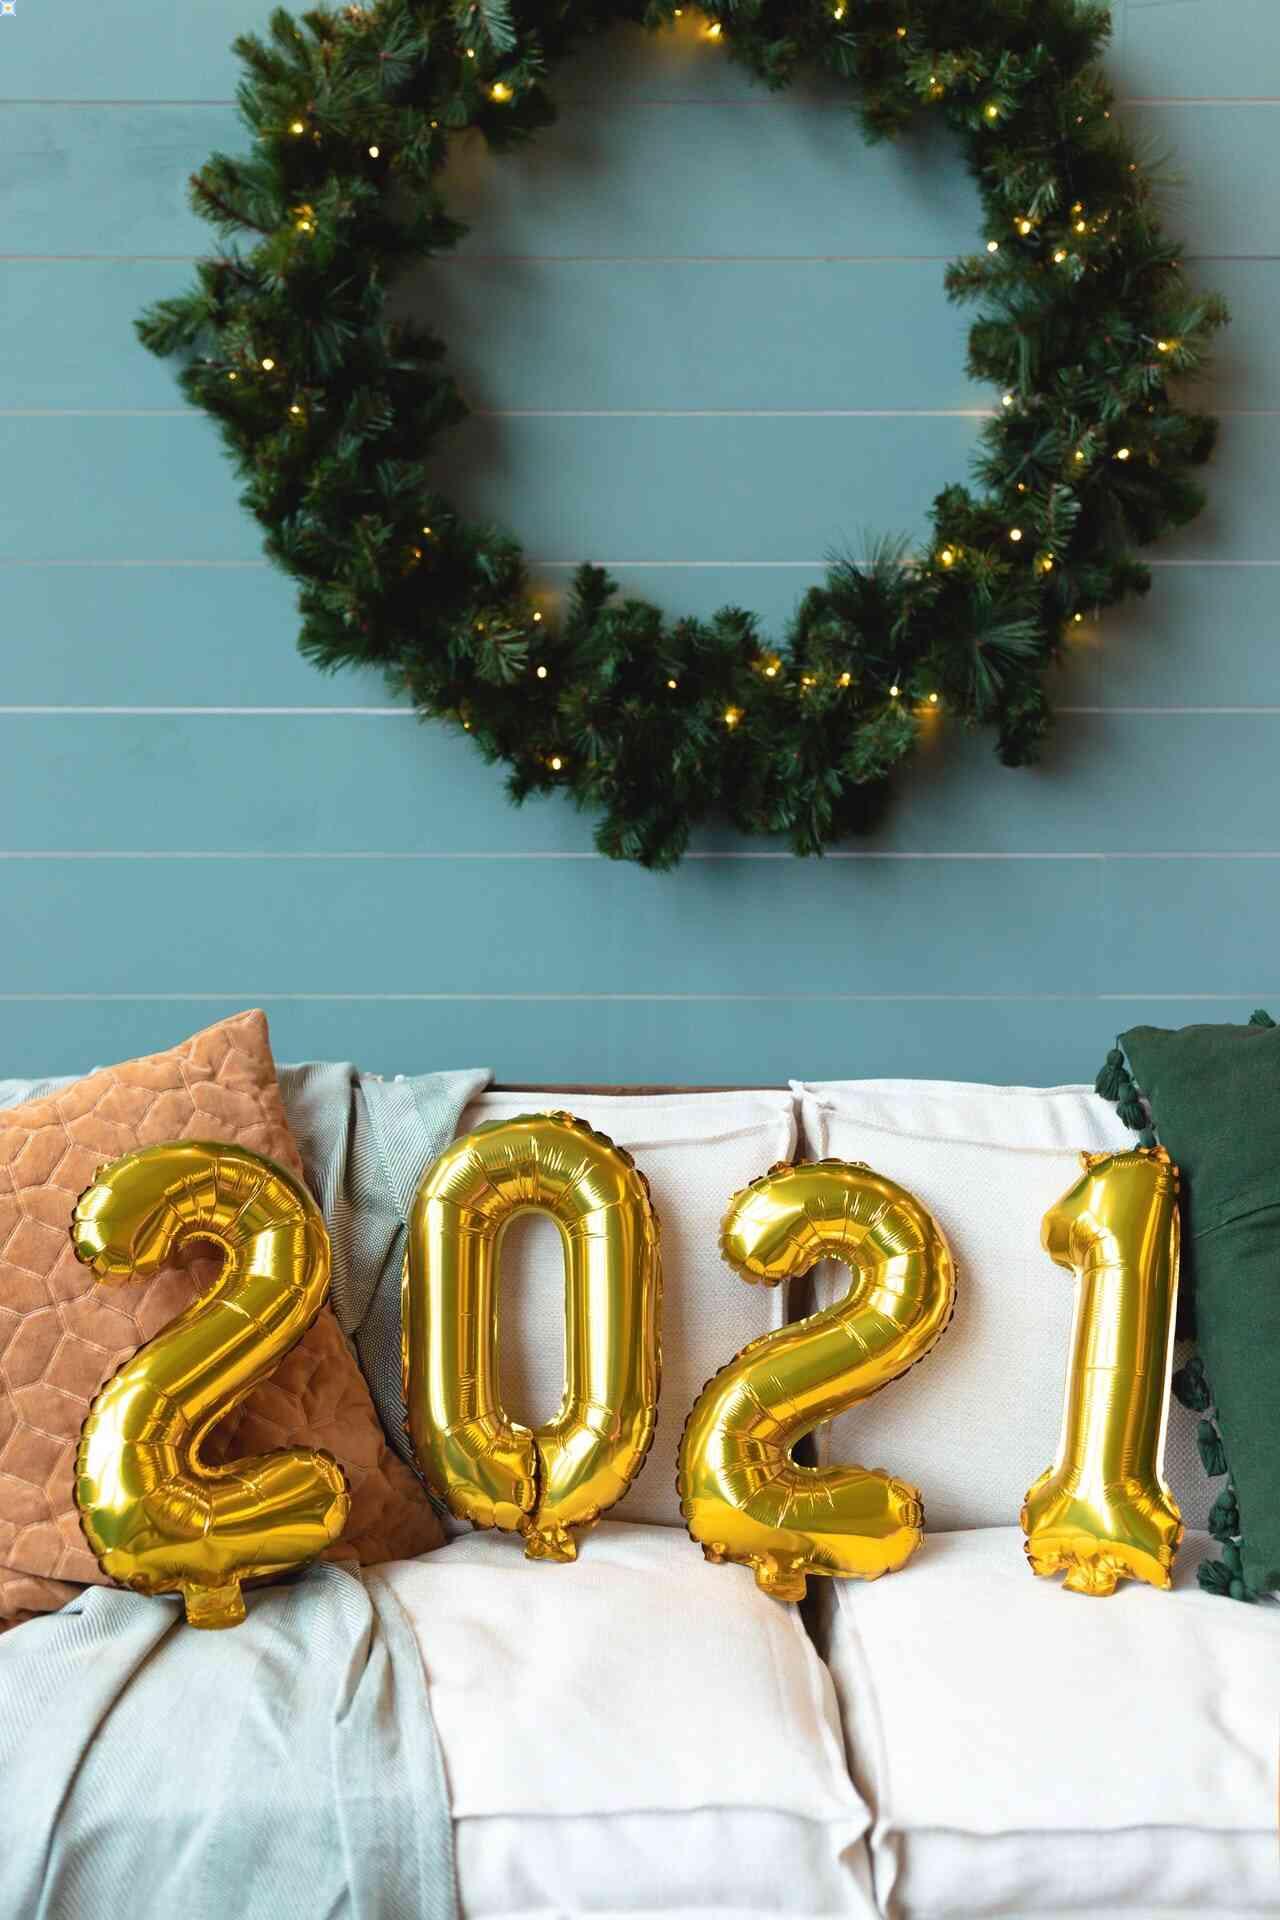 صور سنة جديدة سعيدة 2021 - Happy New Year 2021 Photos